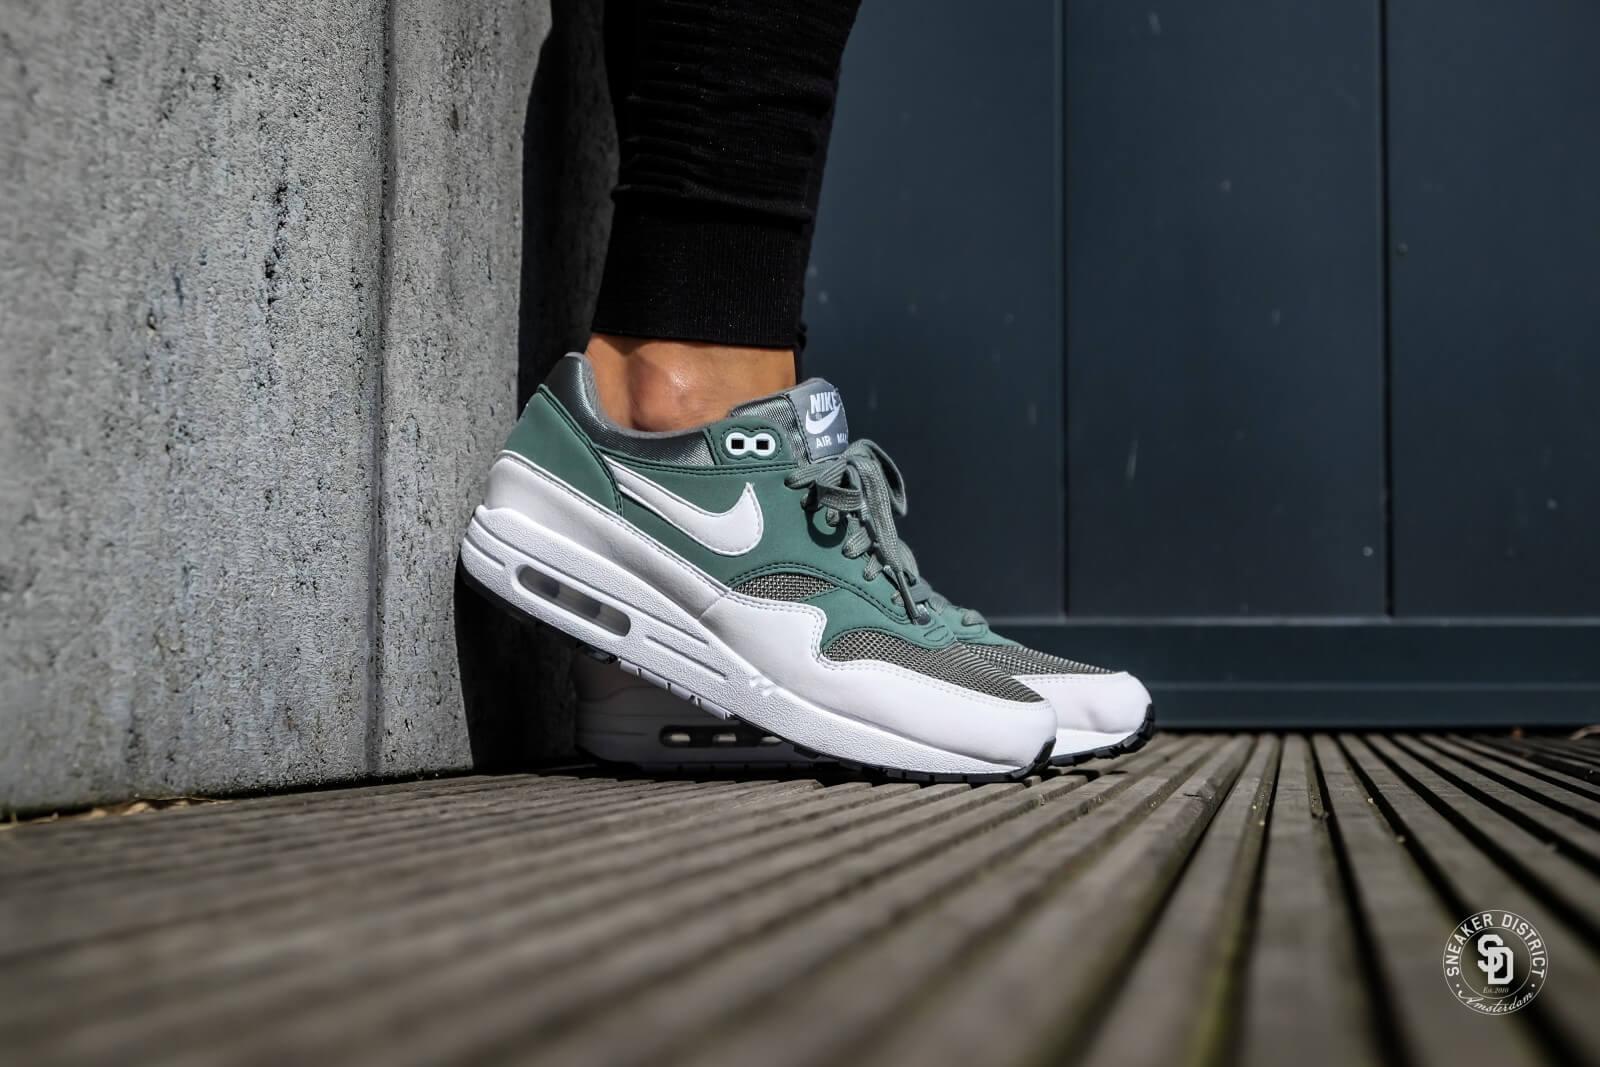 Nike Air Max 1 Clay Green White Women